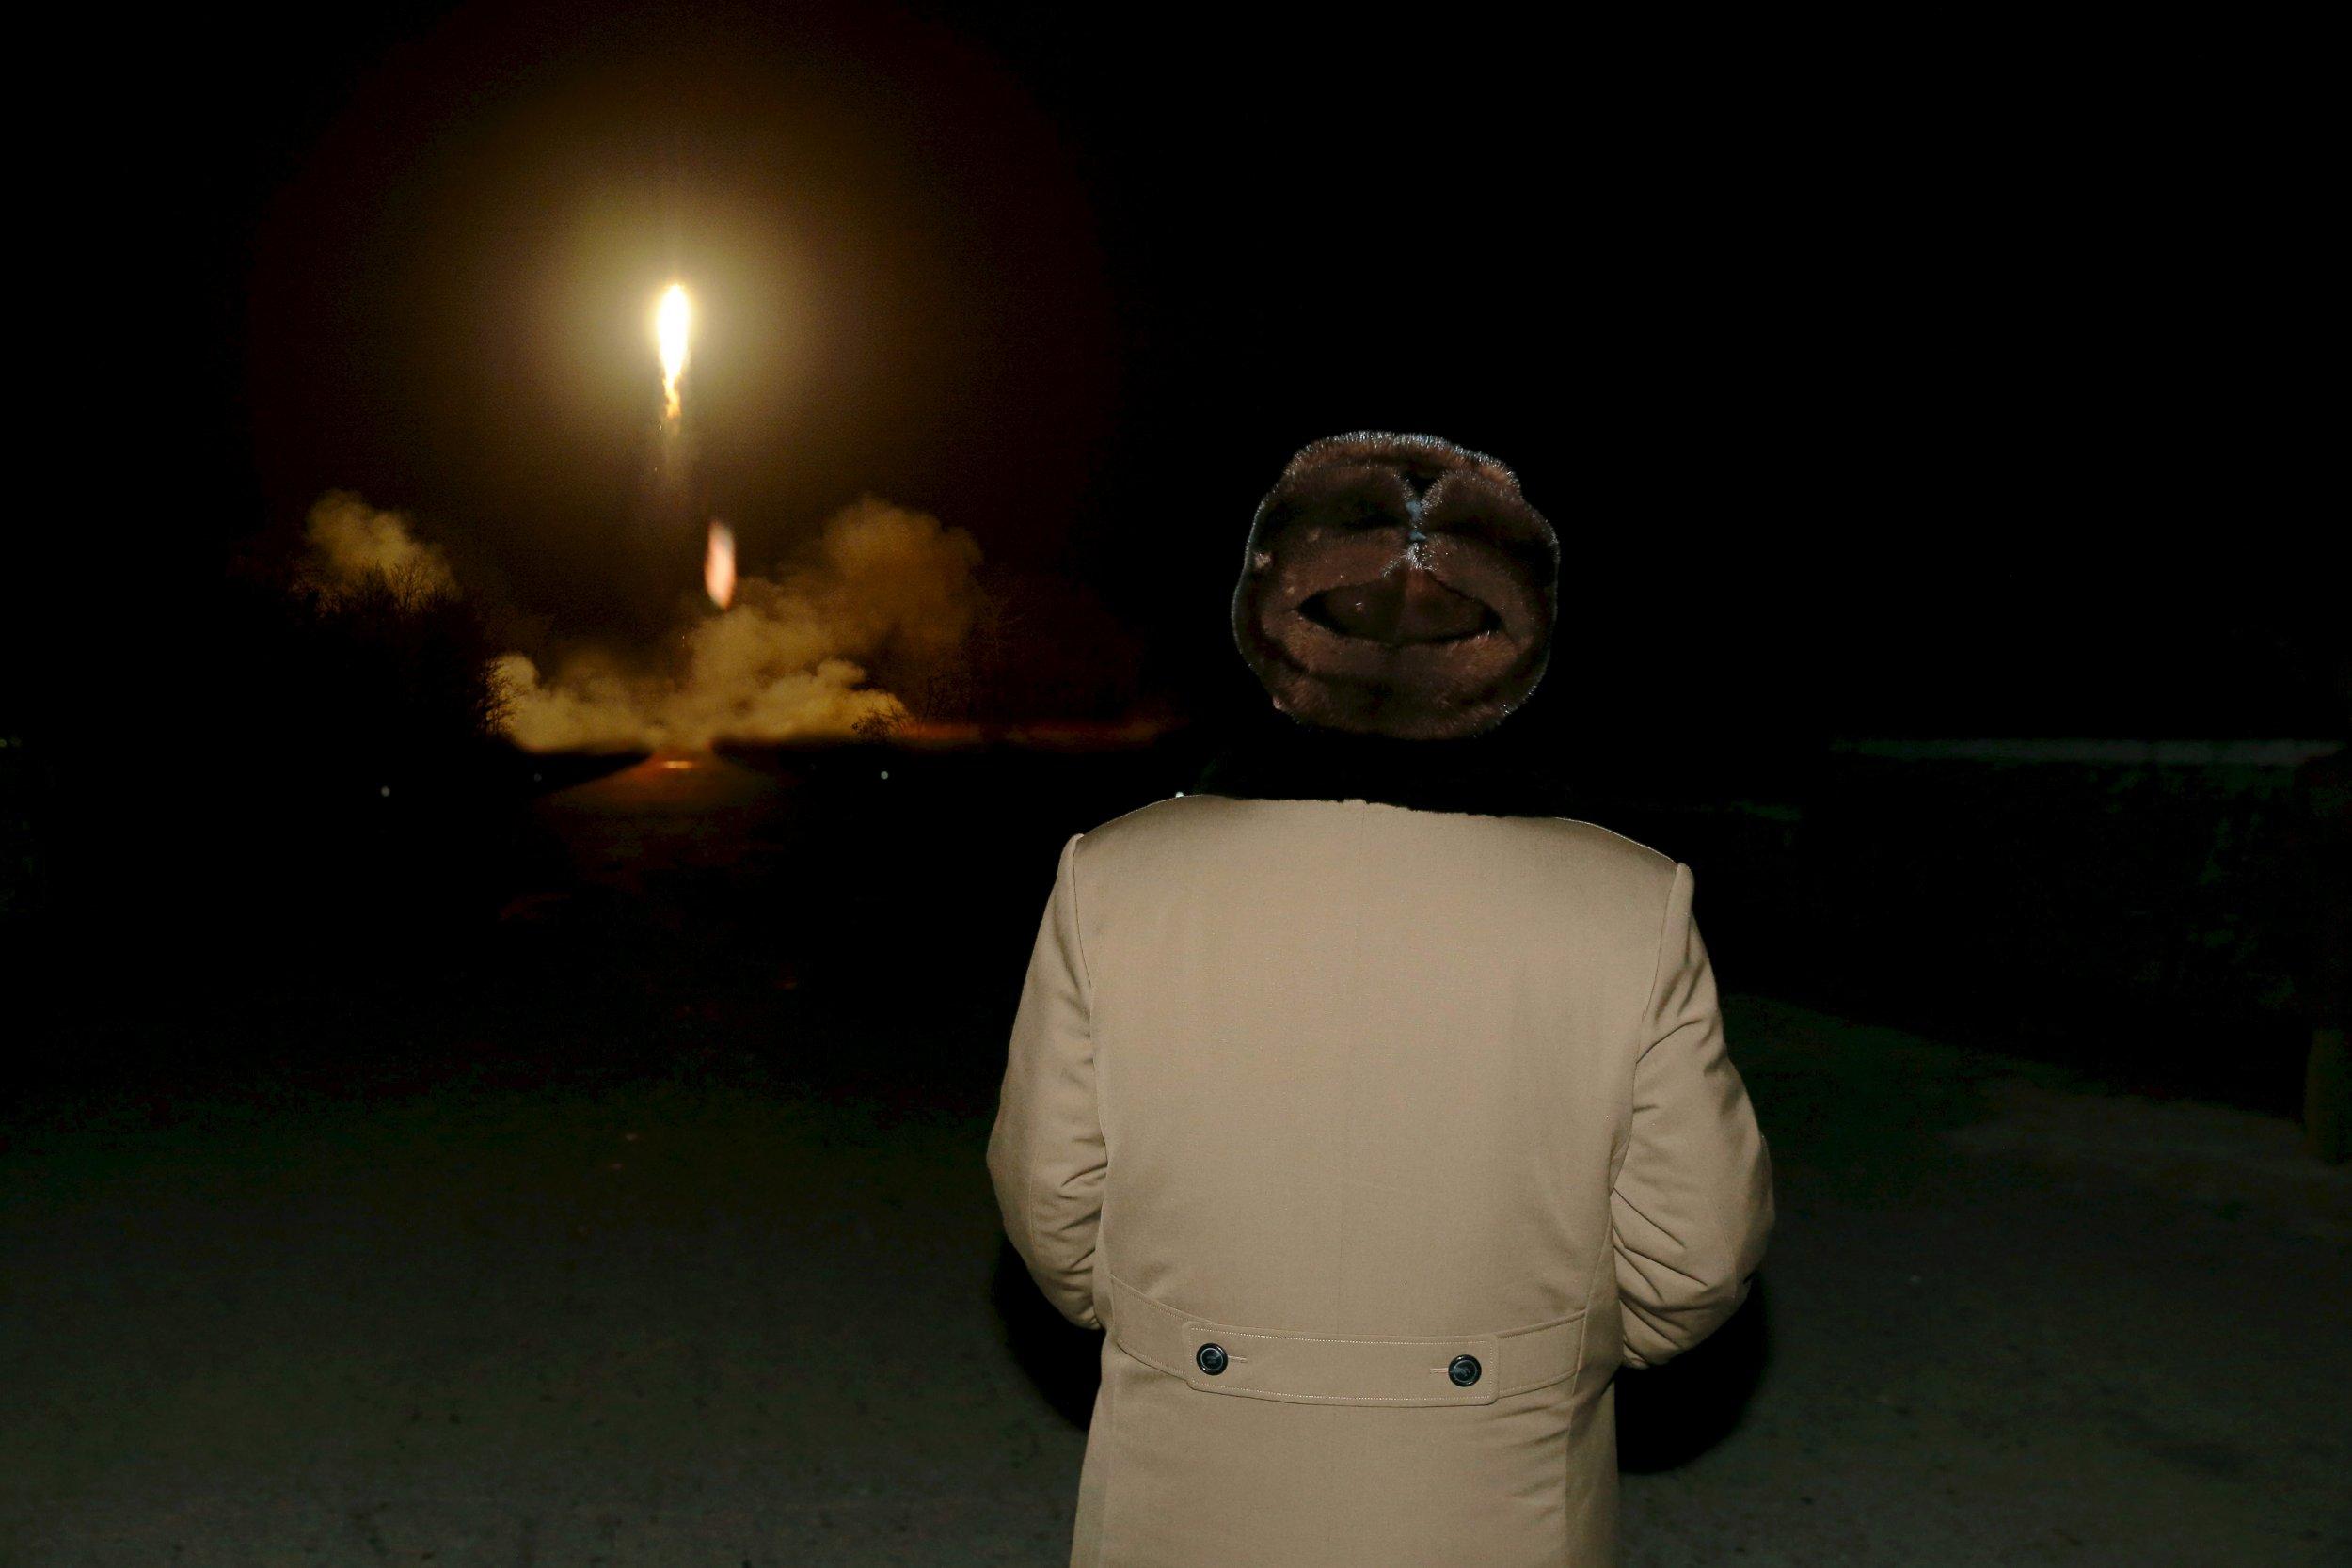 04_23_Kim_Missile_01